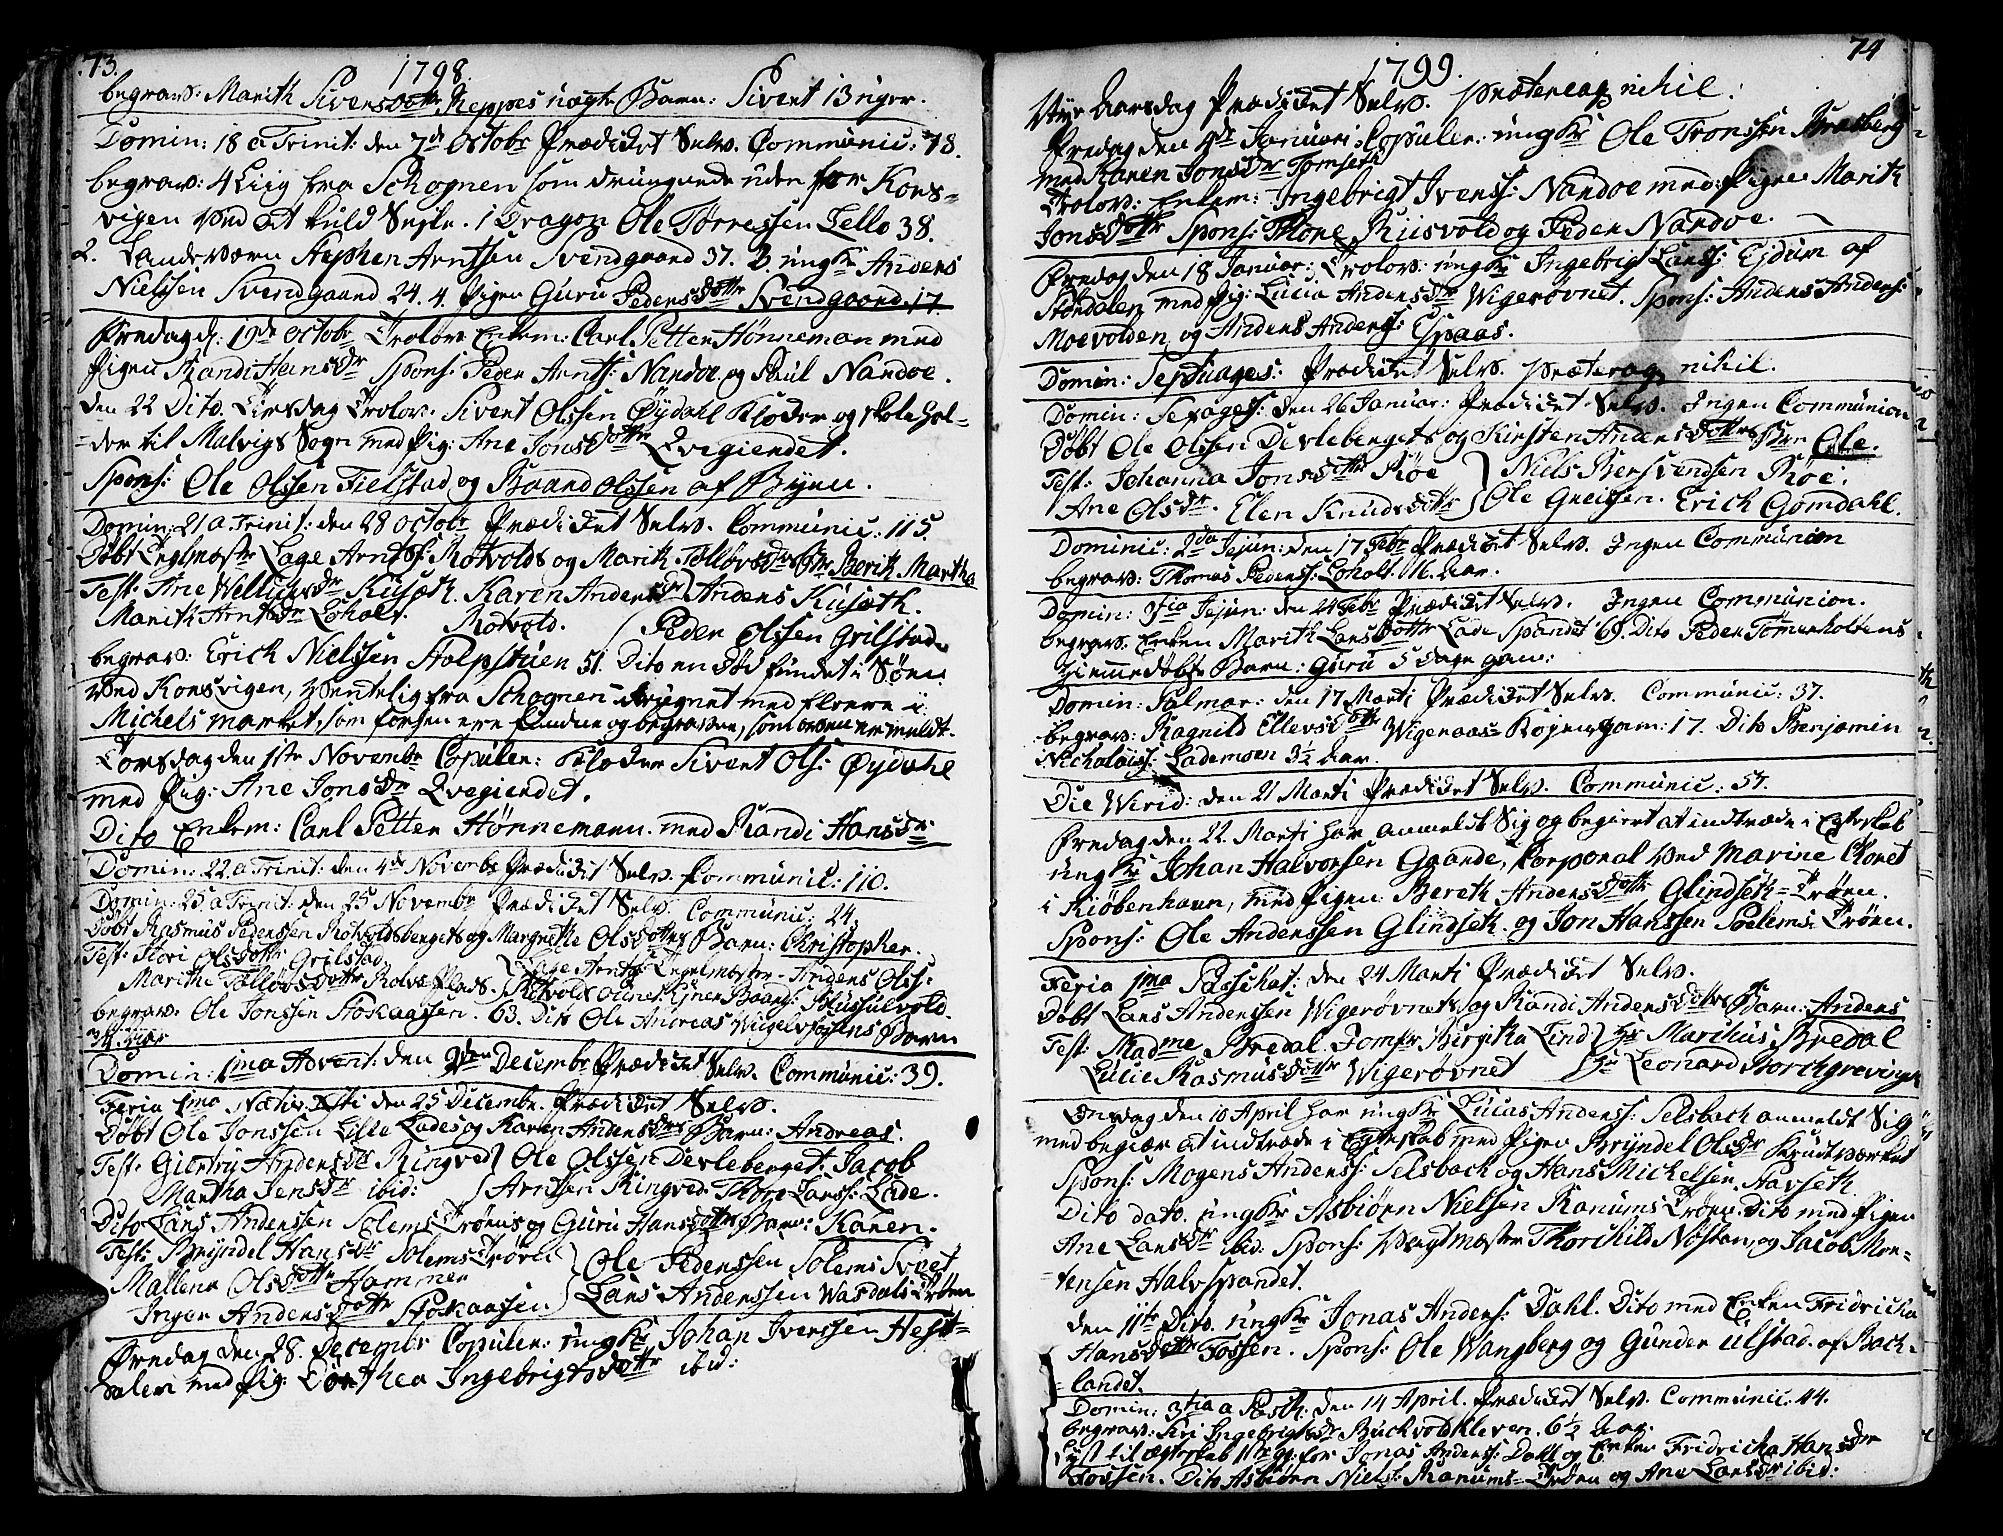 SAT, Ministerialprotokoller, klokkerbøker og fødselsregistre - Sør-Trøndelag, 606/L0280: Ministerialbok nr. 606A02 /1, 1781-1817, s. 73-74